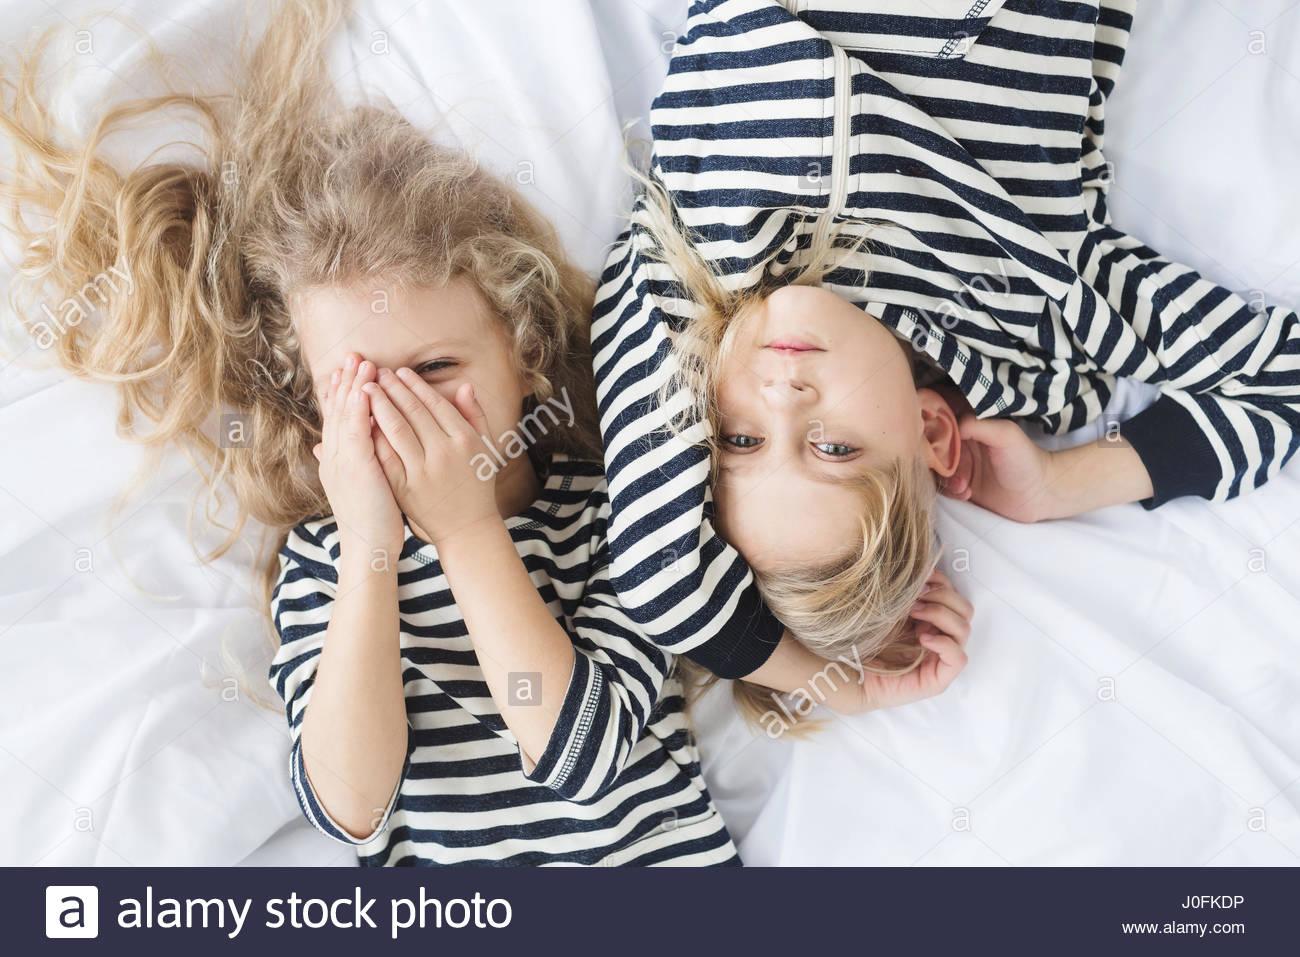 Chica con cabello rizado blanco en un chaleco de rayas y un chico con el pelo rubio en un chaleco de rayas durmiendo Imagen De Stock